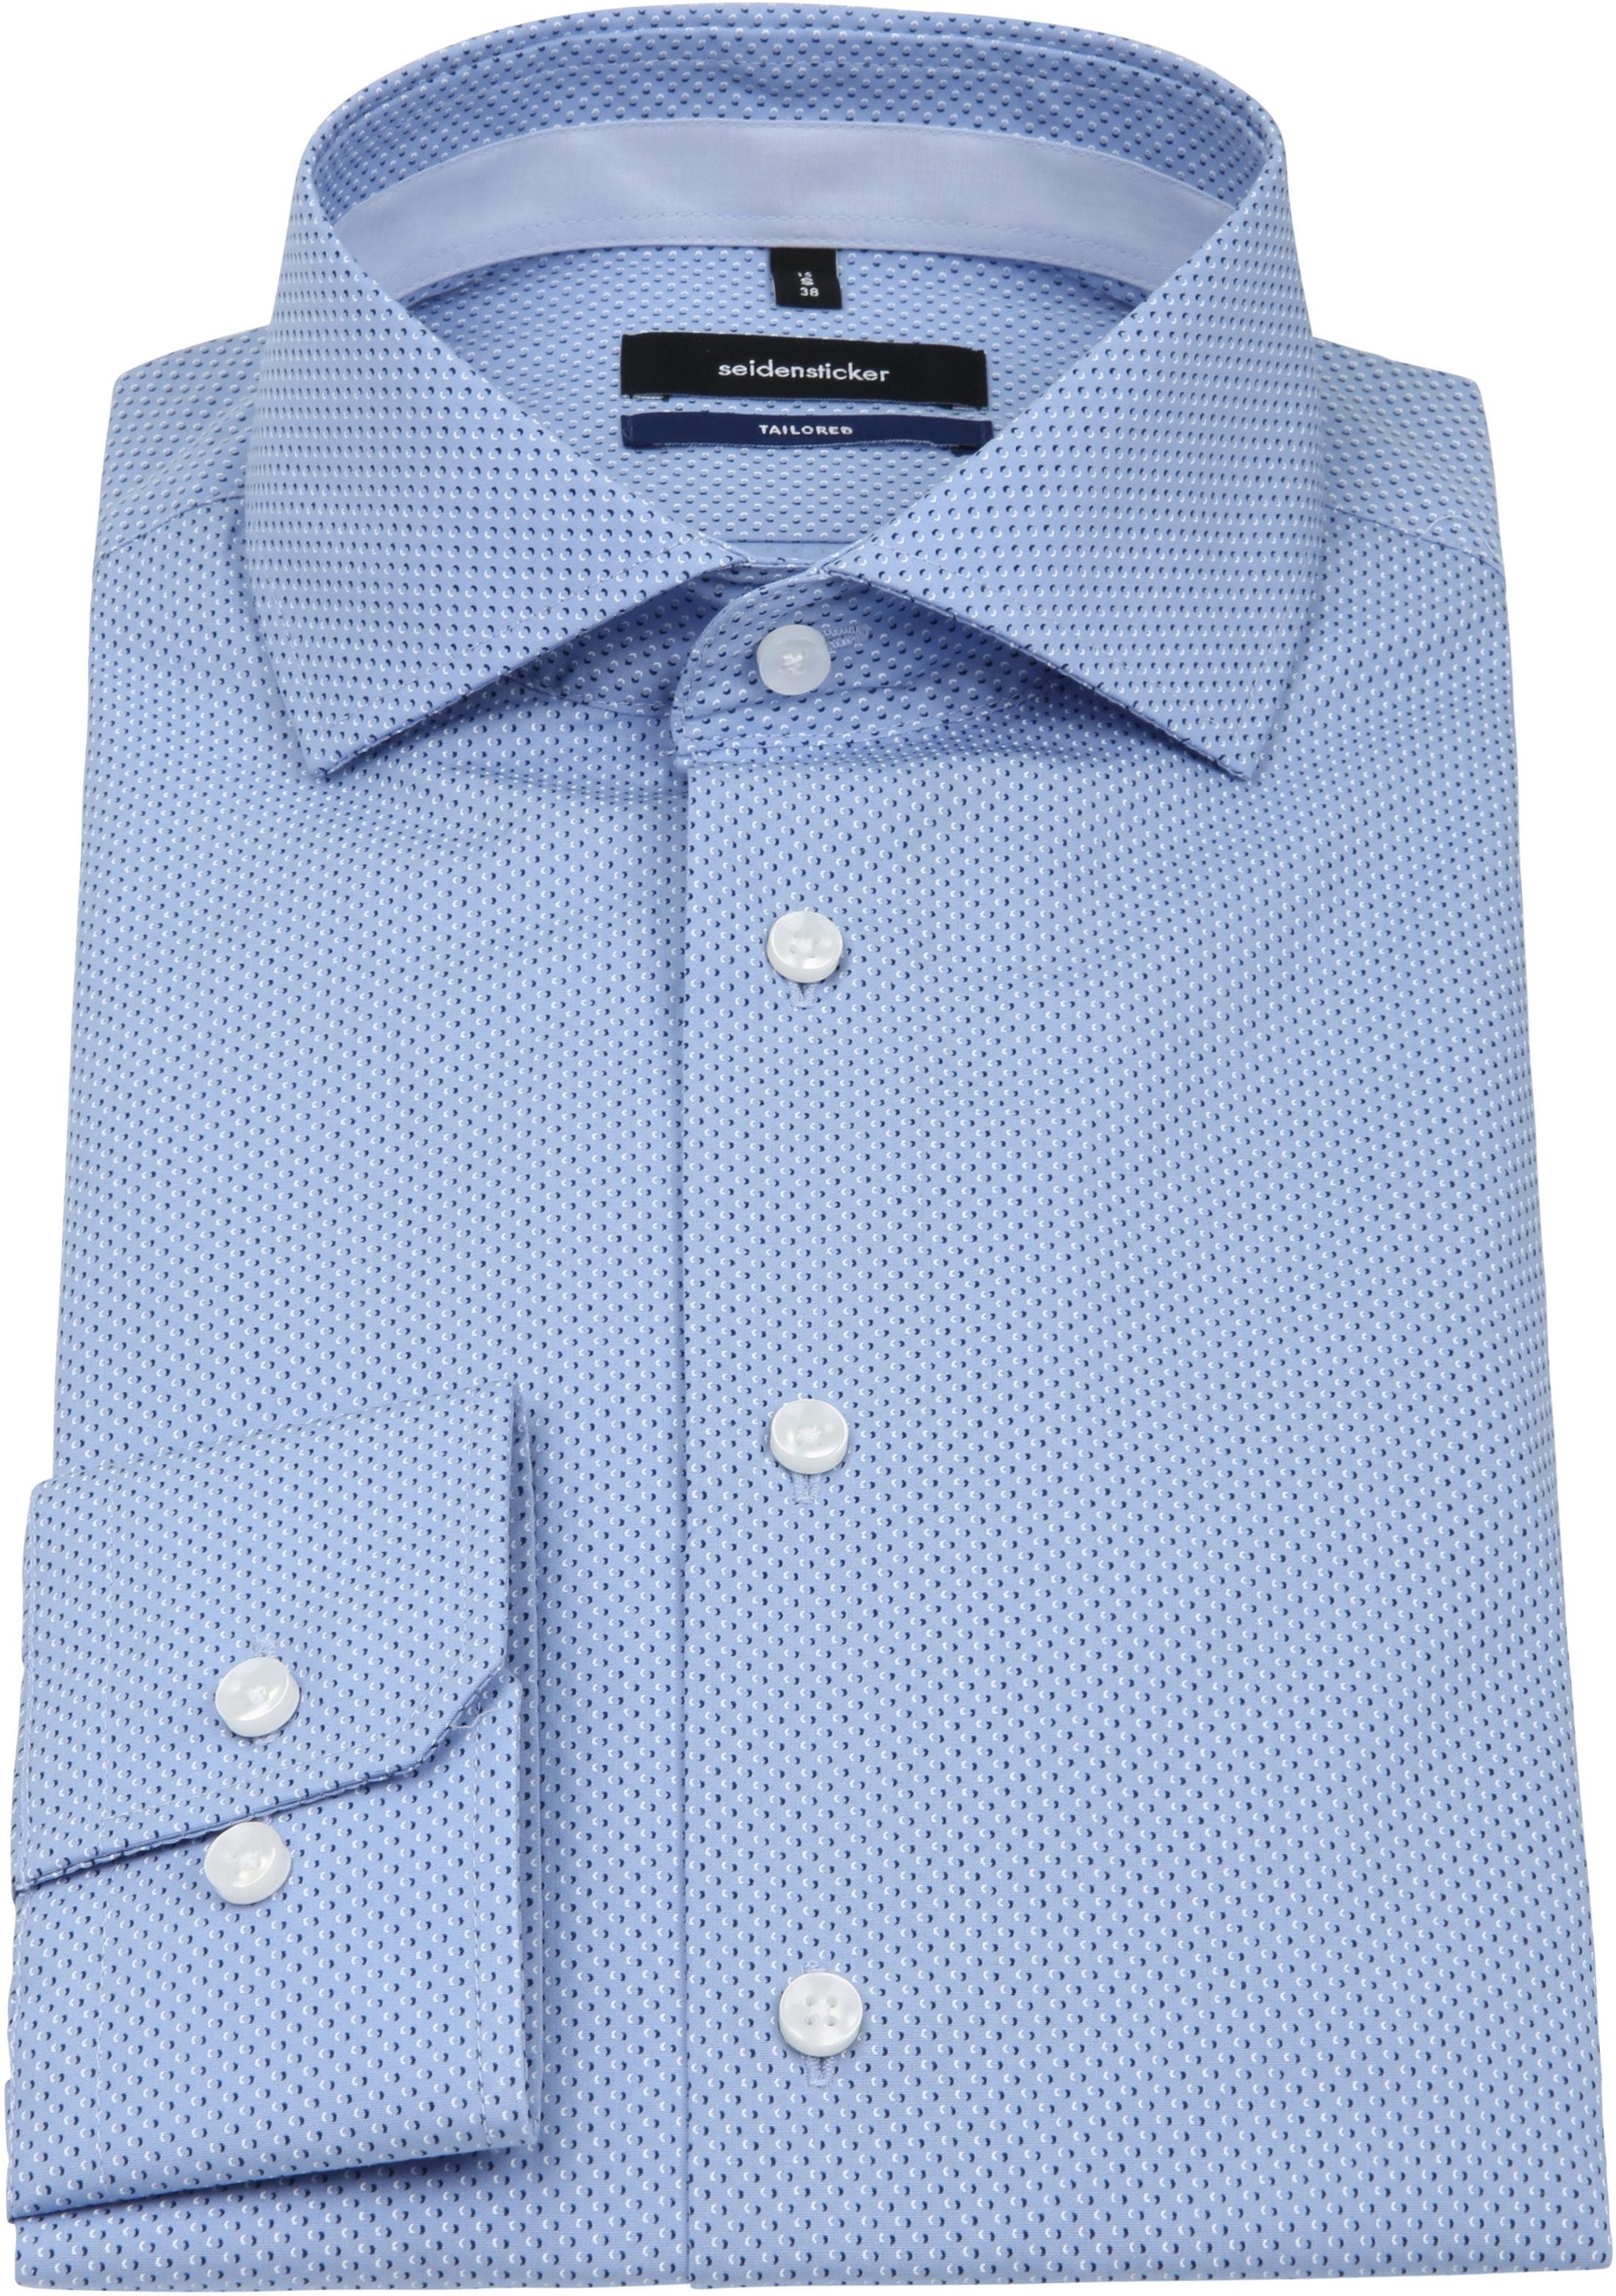 Seidensticker Overhemd TF Blauw Dessin foto 3